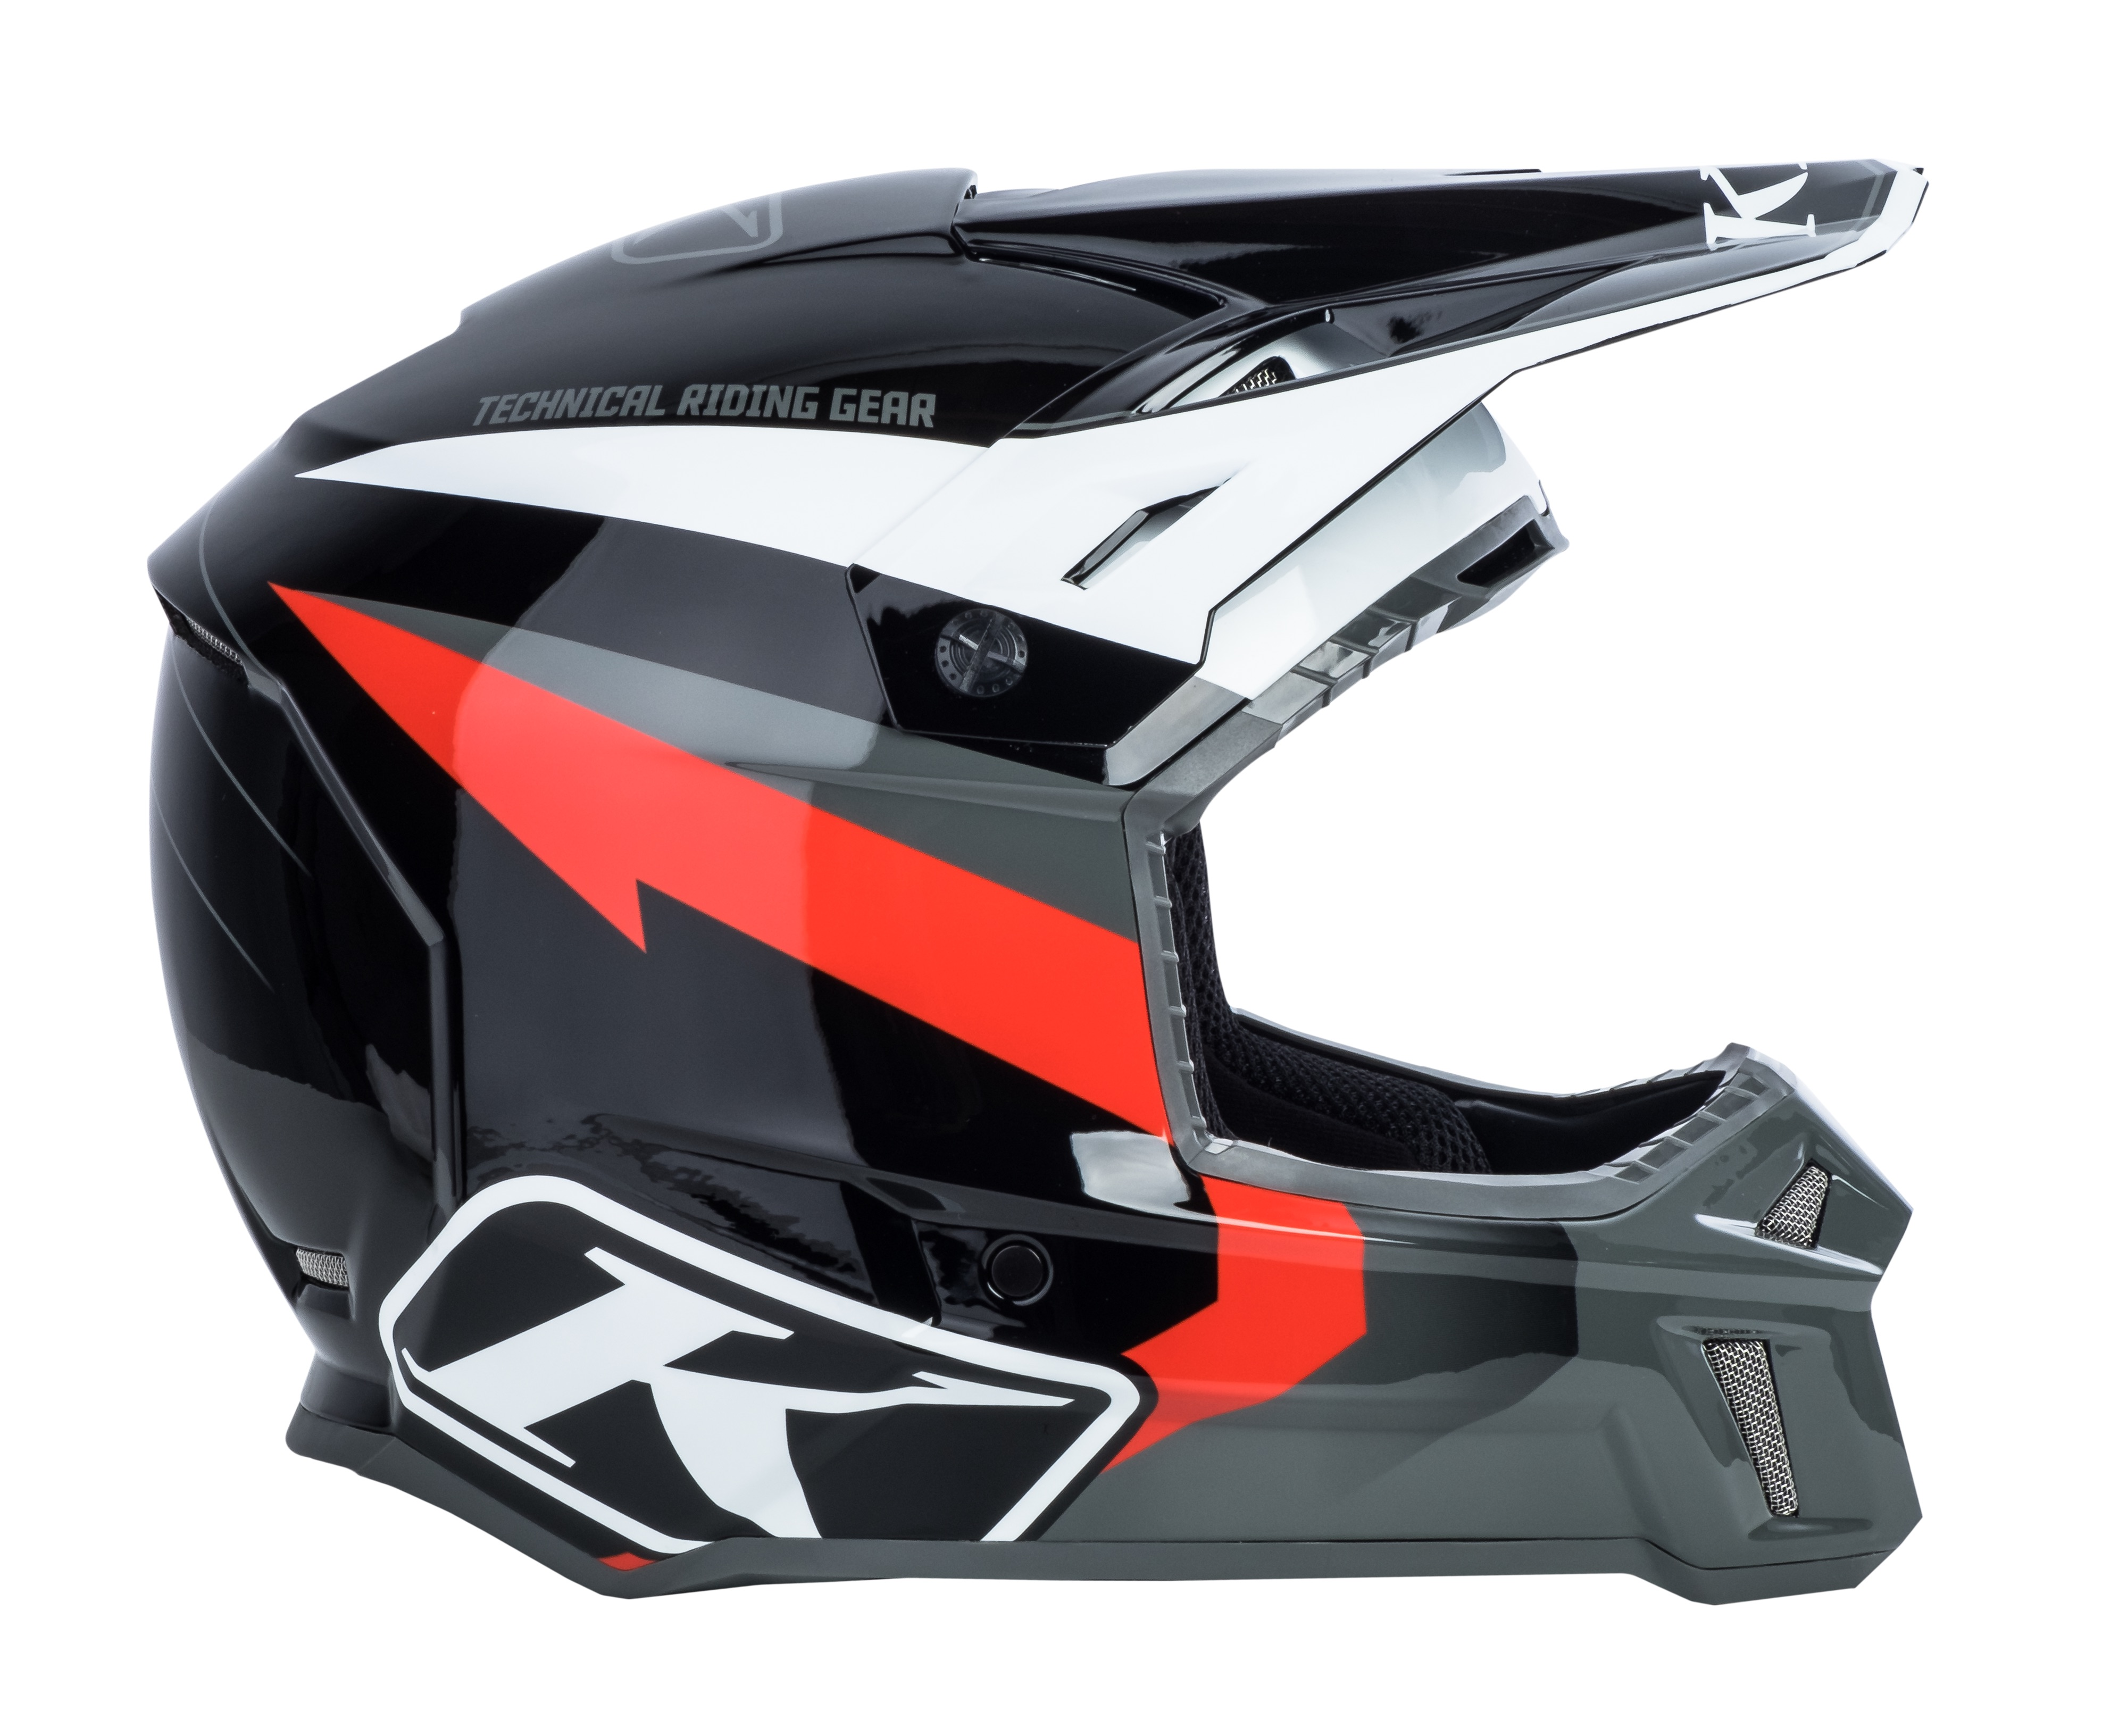 f3-helmet-3110-000_red-lightning_01